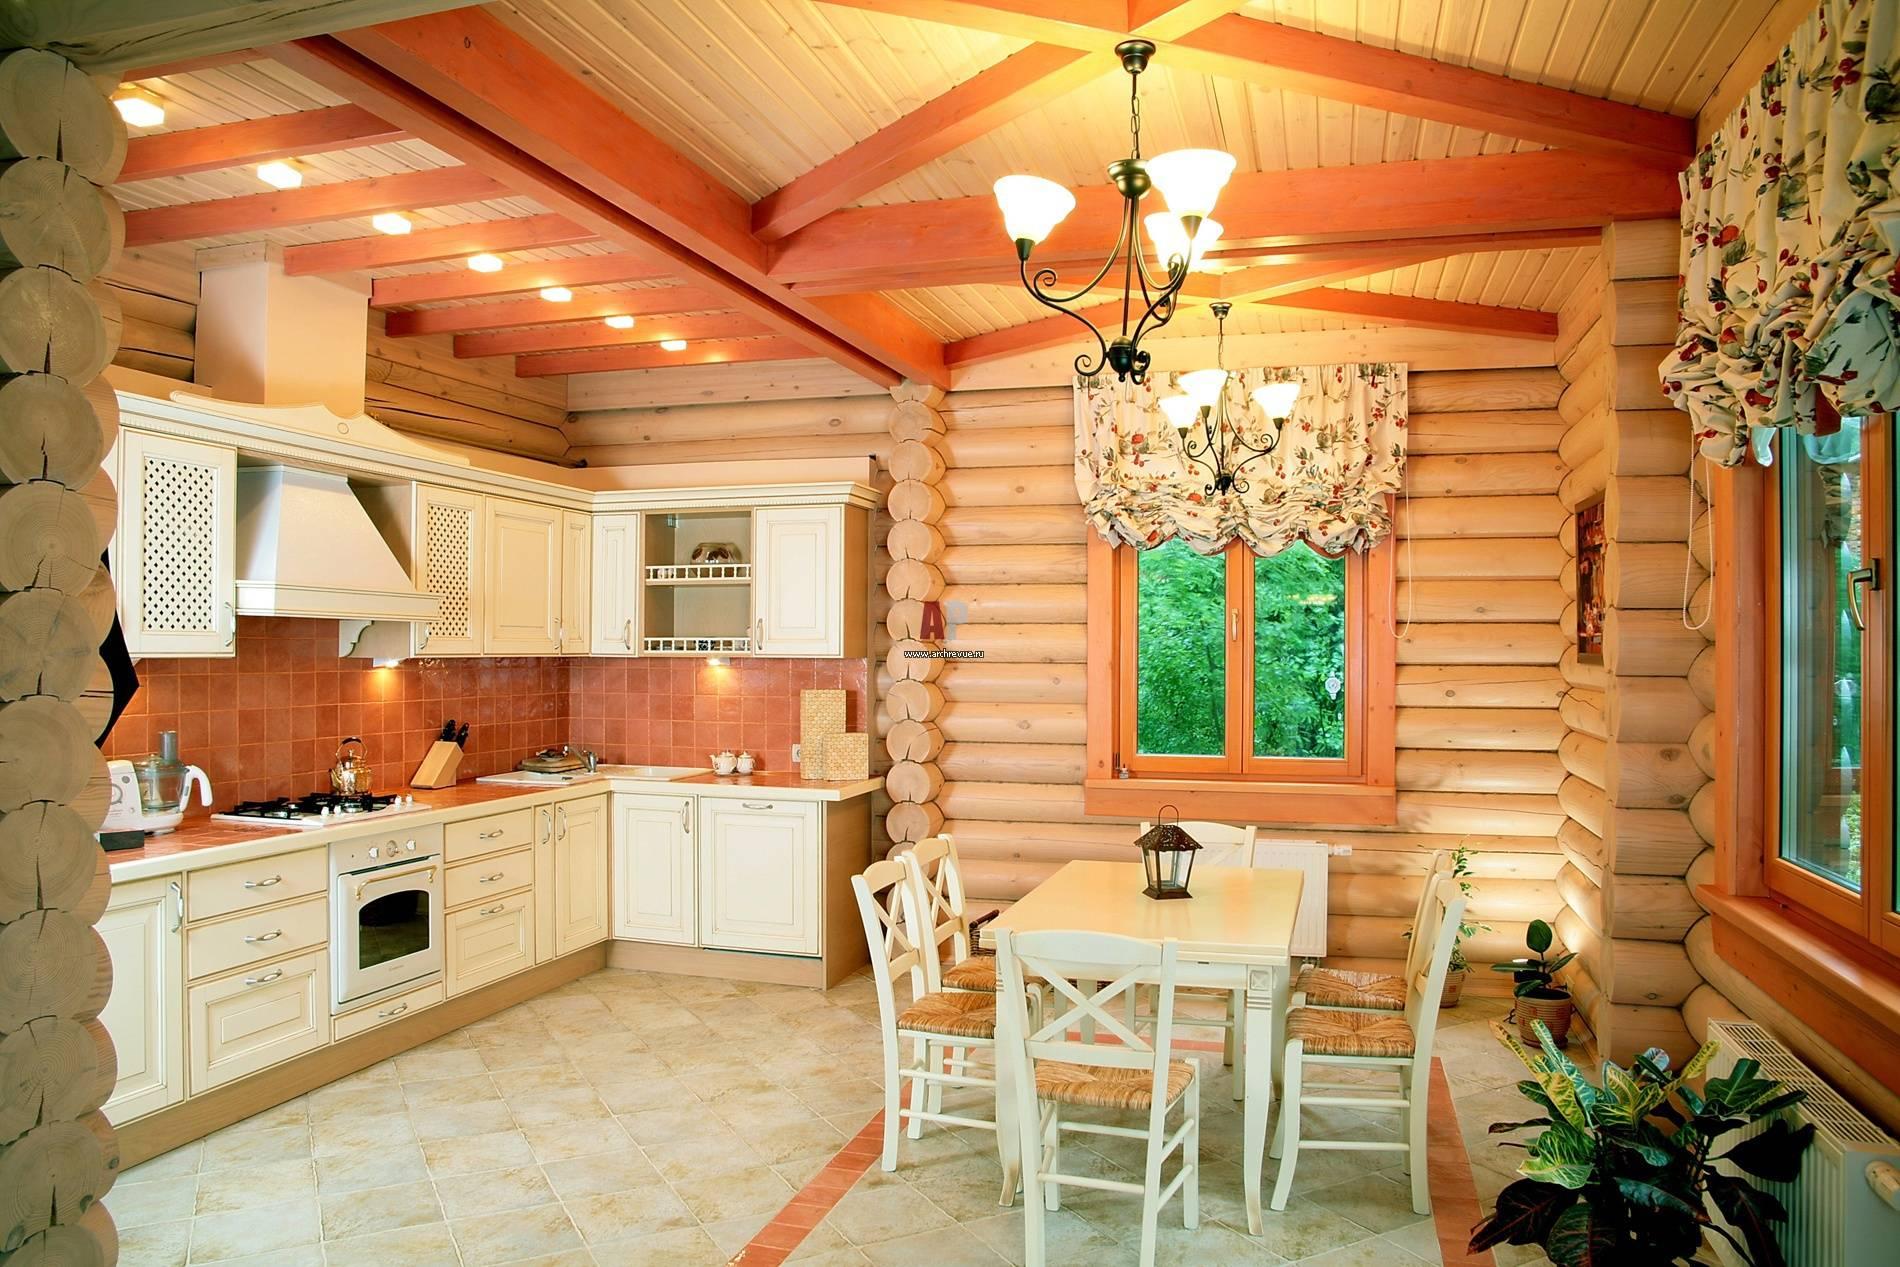 Кухня в коридоре: как правильно перенести и оформить, полезные приёмы для создания комфортного пространства - 25 фото